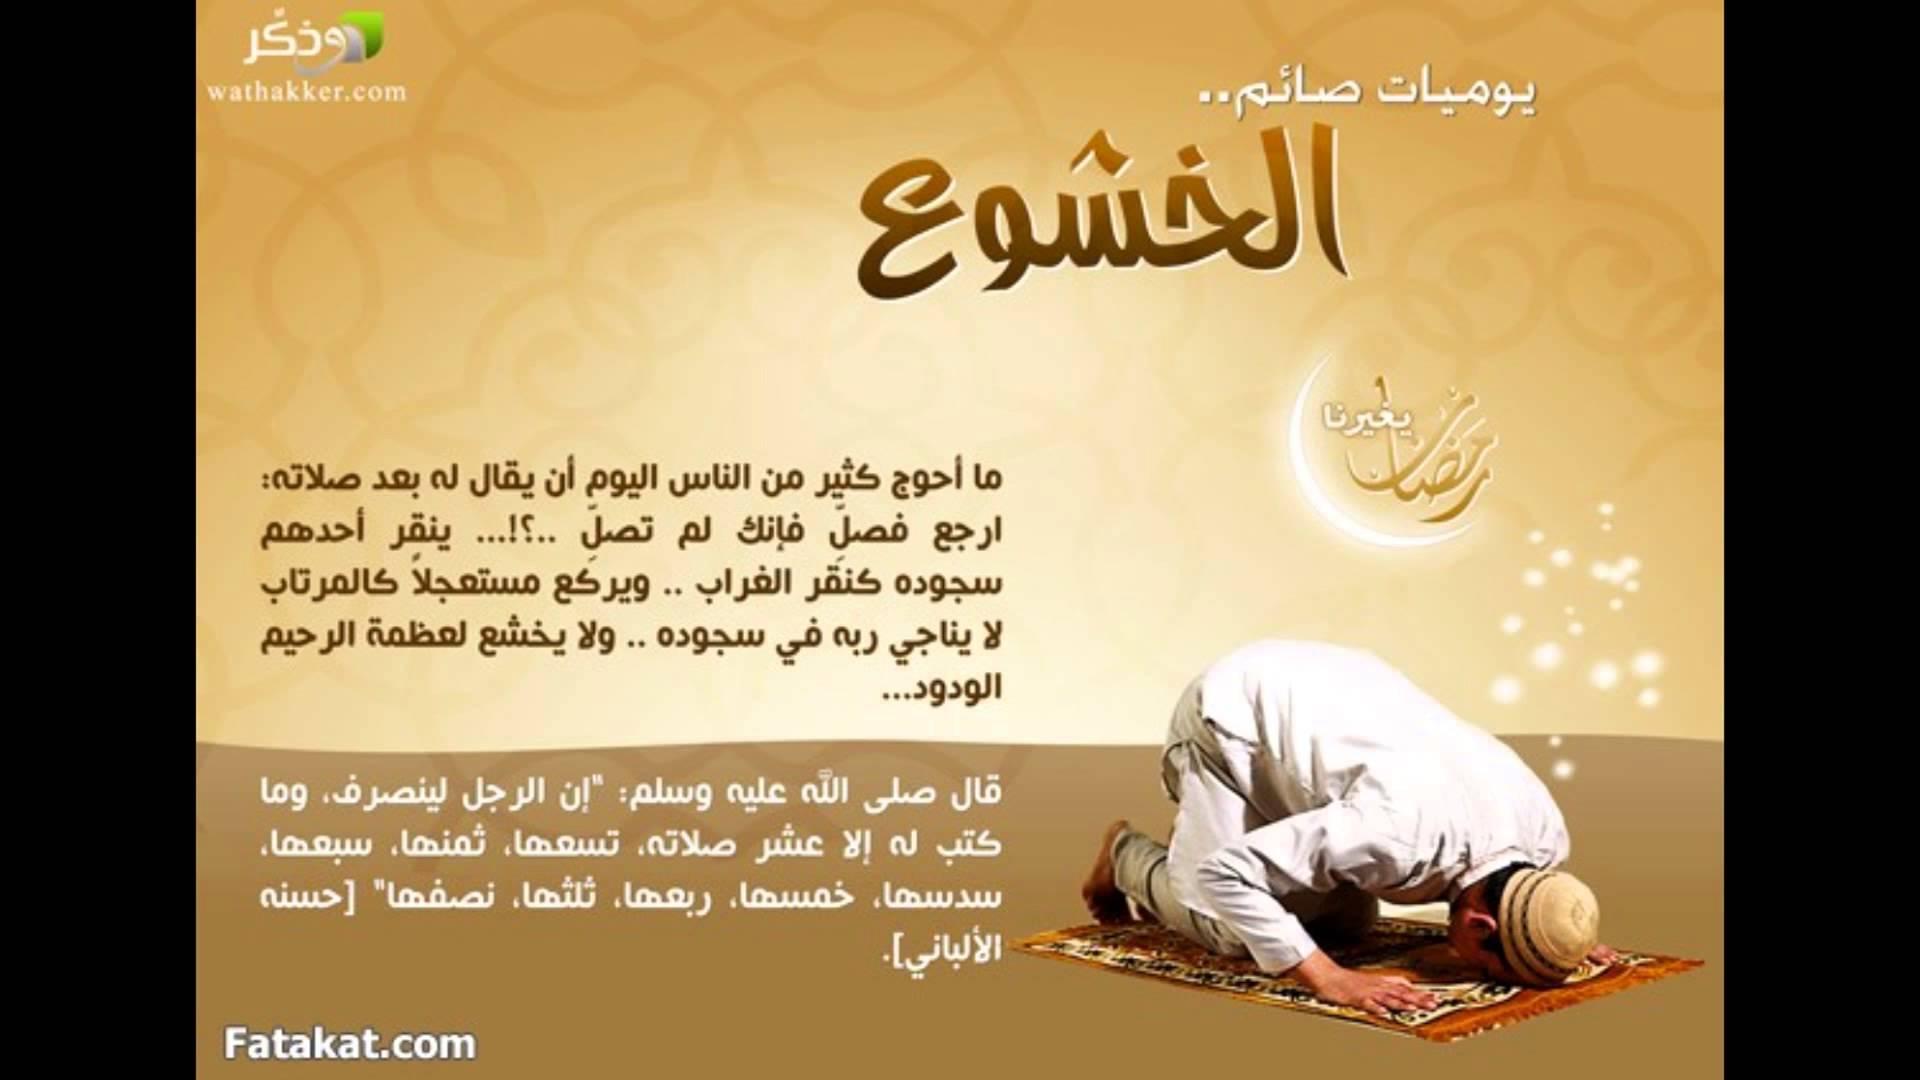 صور كيفية الخشوع في الصلاة , الخشوع والسكينة في الصلاة